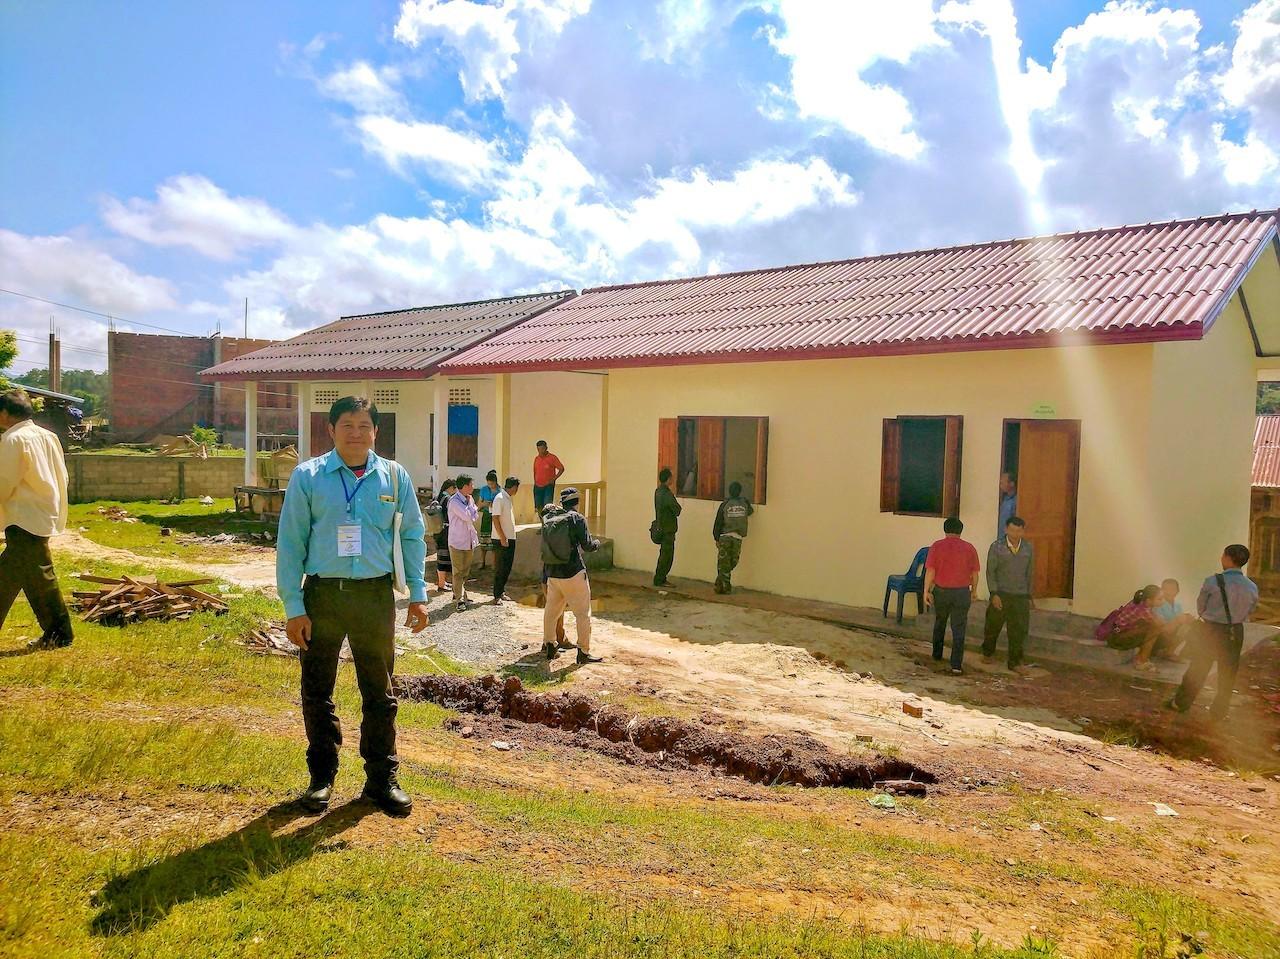 ナショナル・ハニー・ワークショップでレ・トン村の養蜂訓練センターを訪問したときのシポンさん(2018年5月江角撮影)